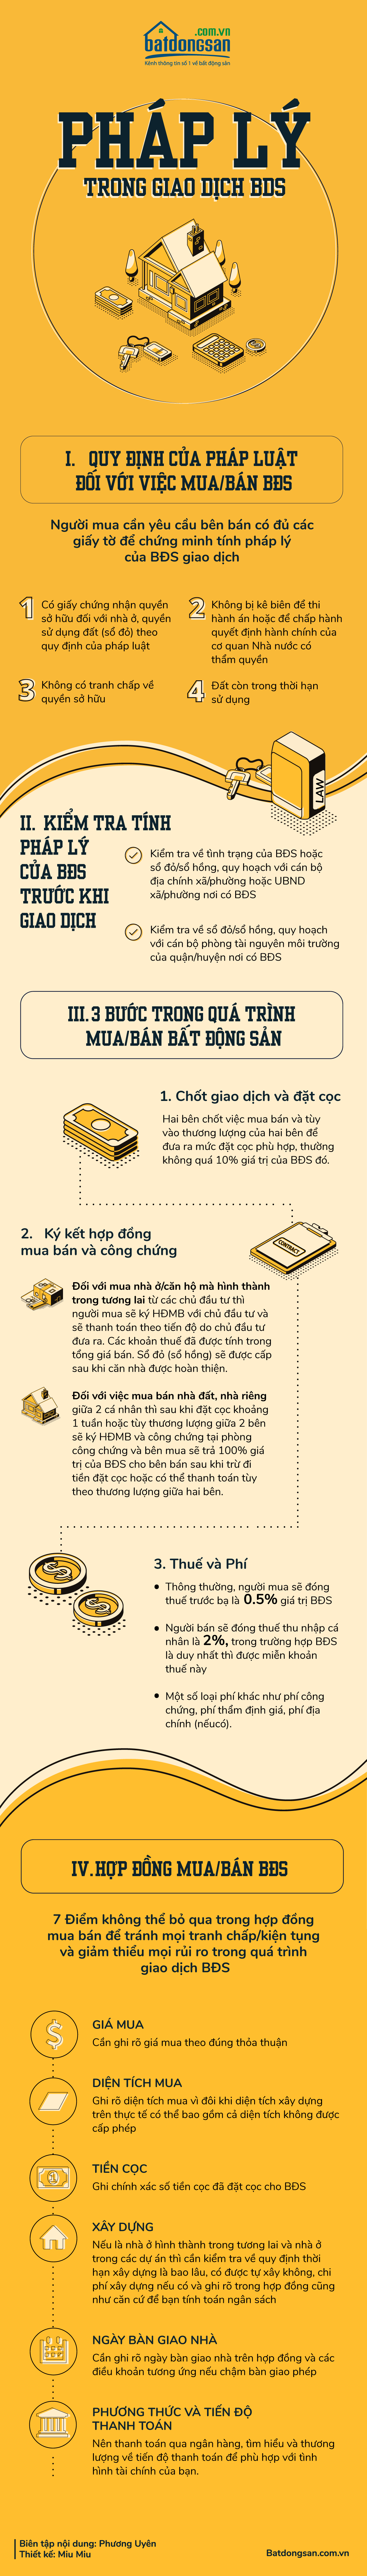 Infographic nền màu vàng, text màu đen, icons hình ngôi nhà, đồng tiền...